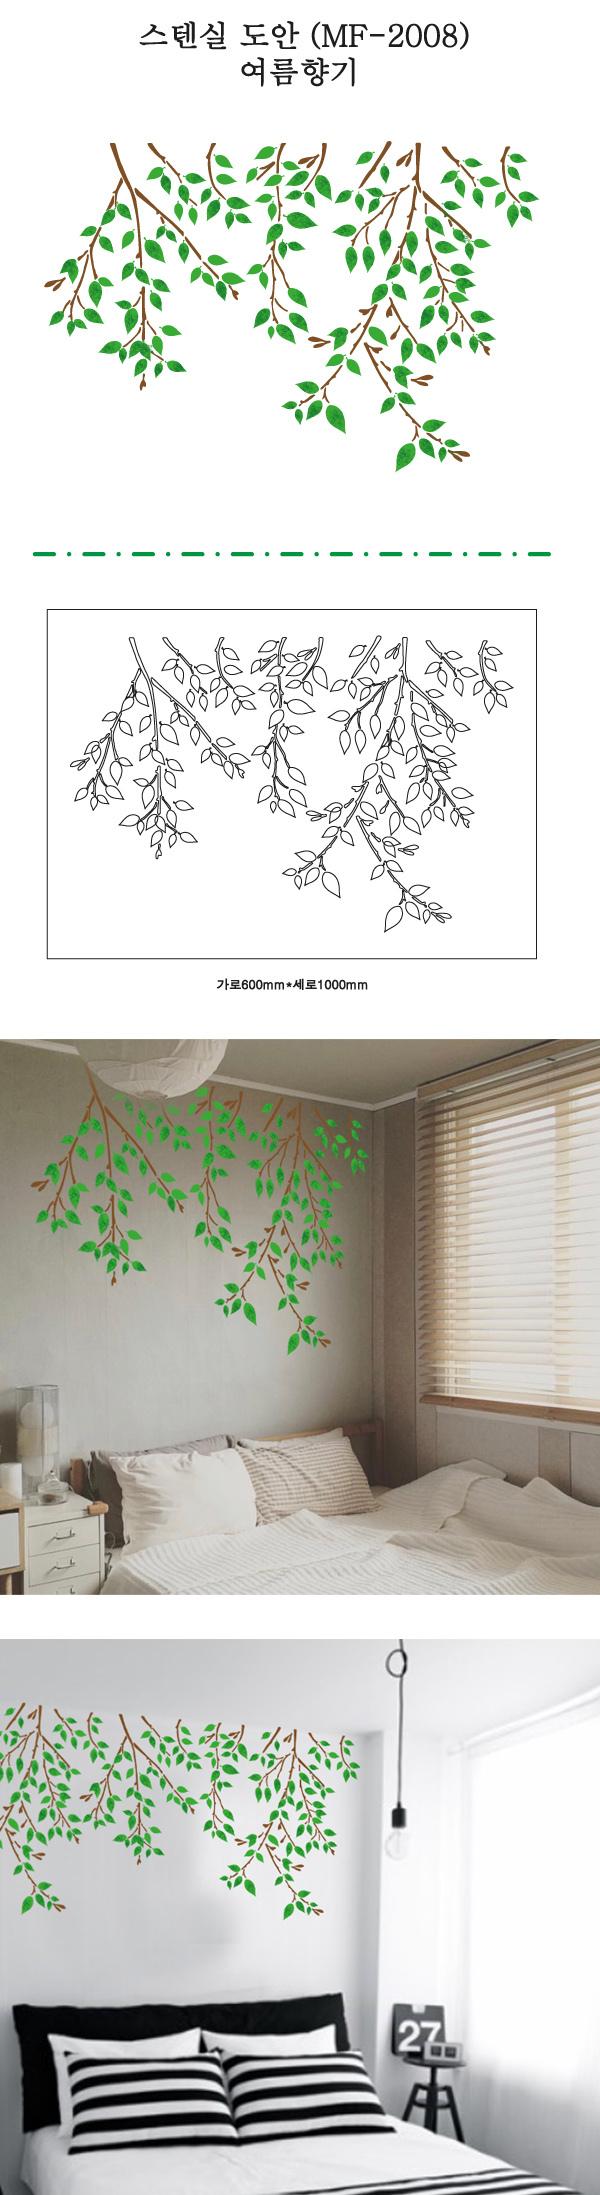 벽화스텐실 도안(MF-2008) 여름향기 - 대문닷컴, 23,000원, 스텐실, 스텐실도안